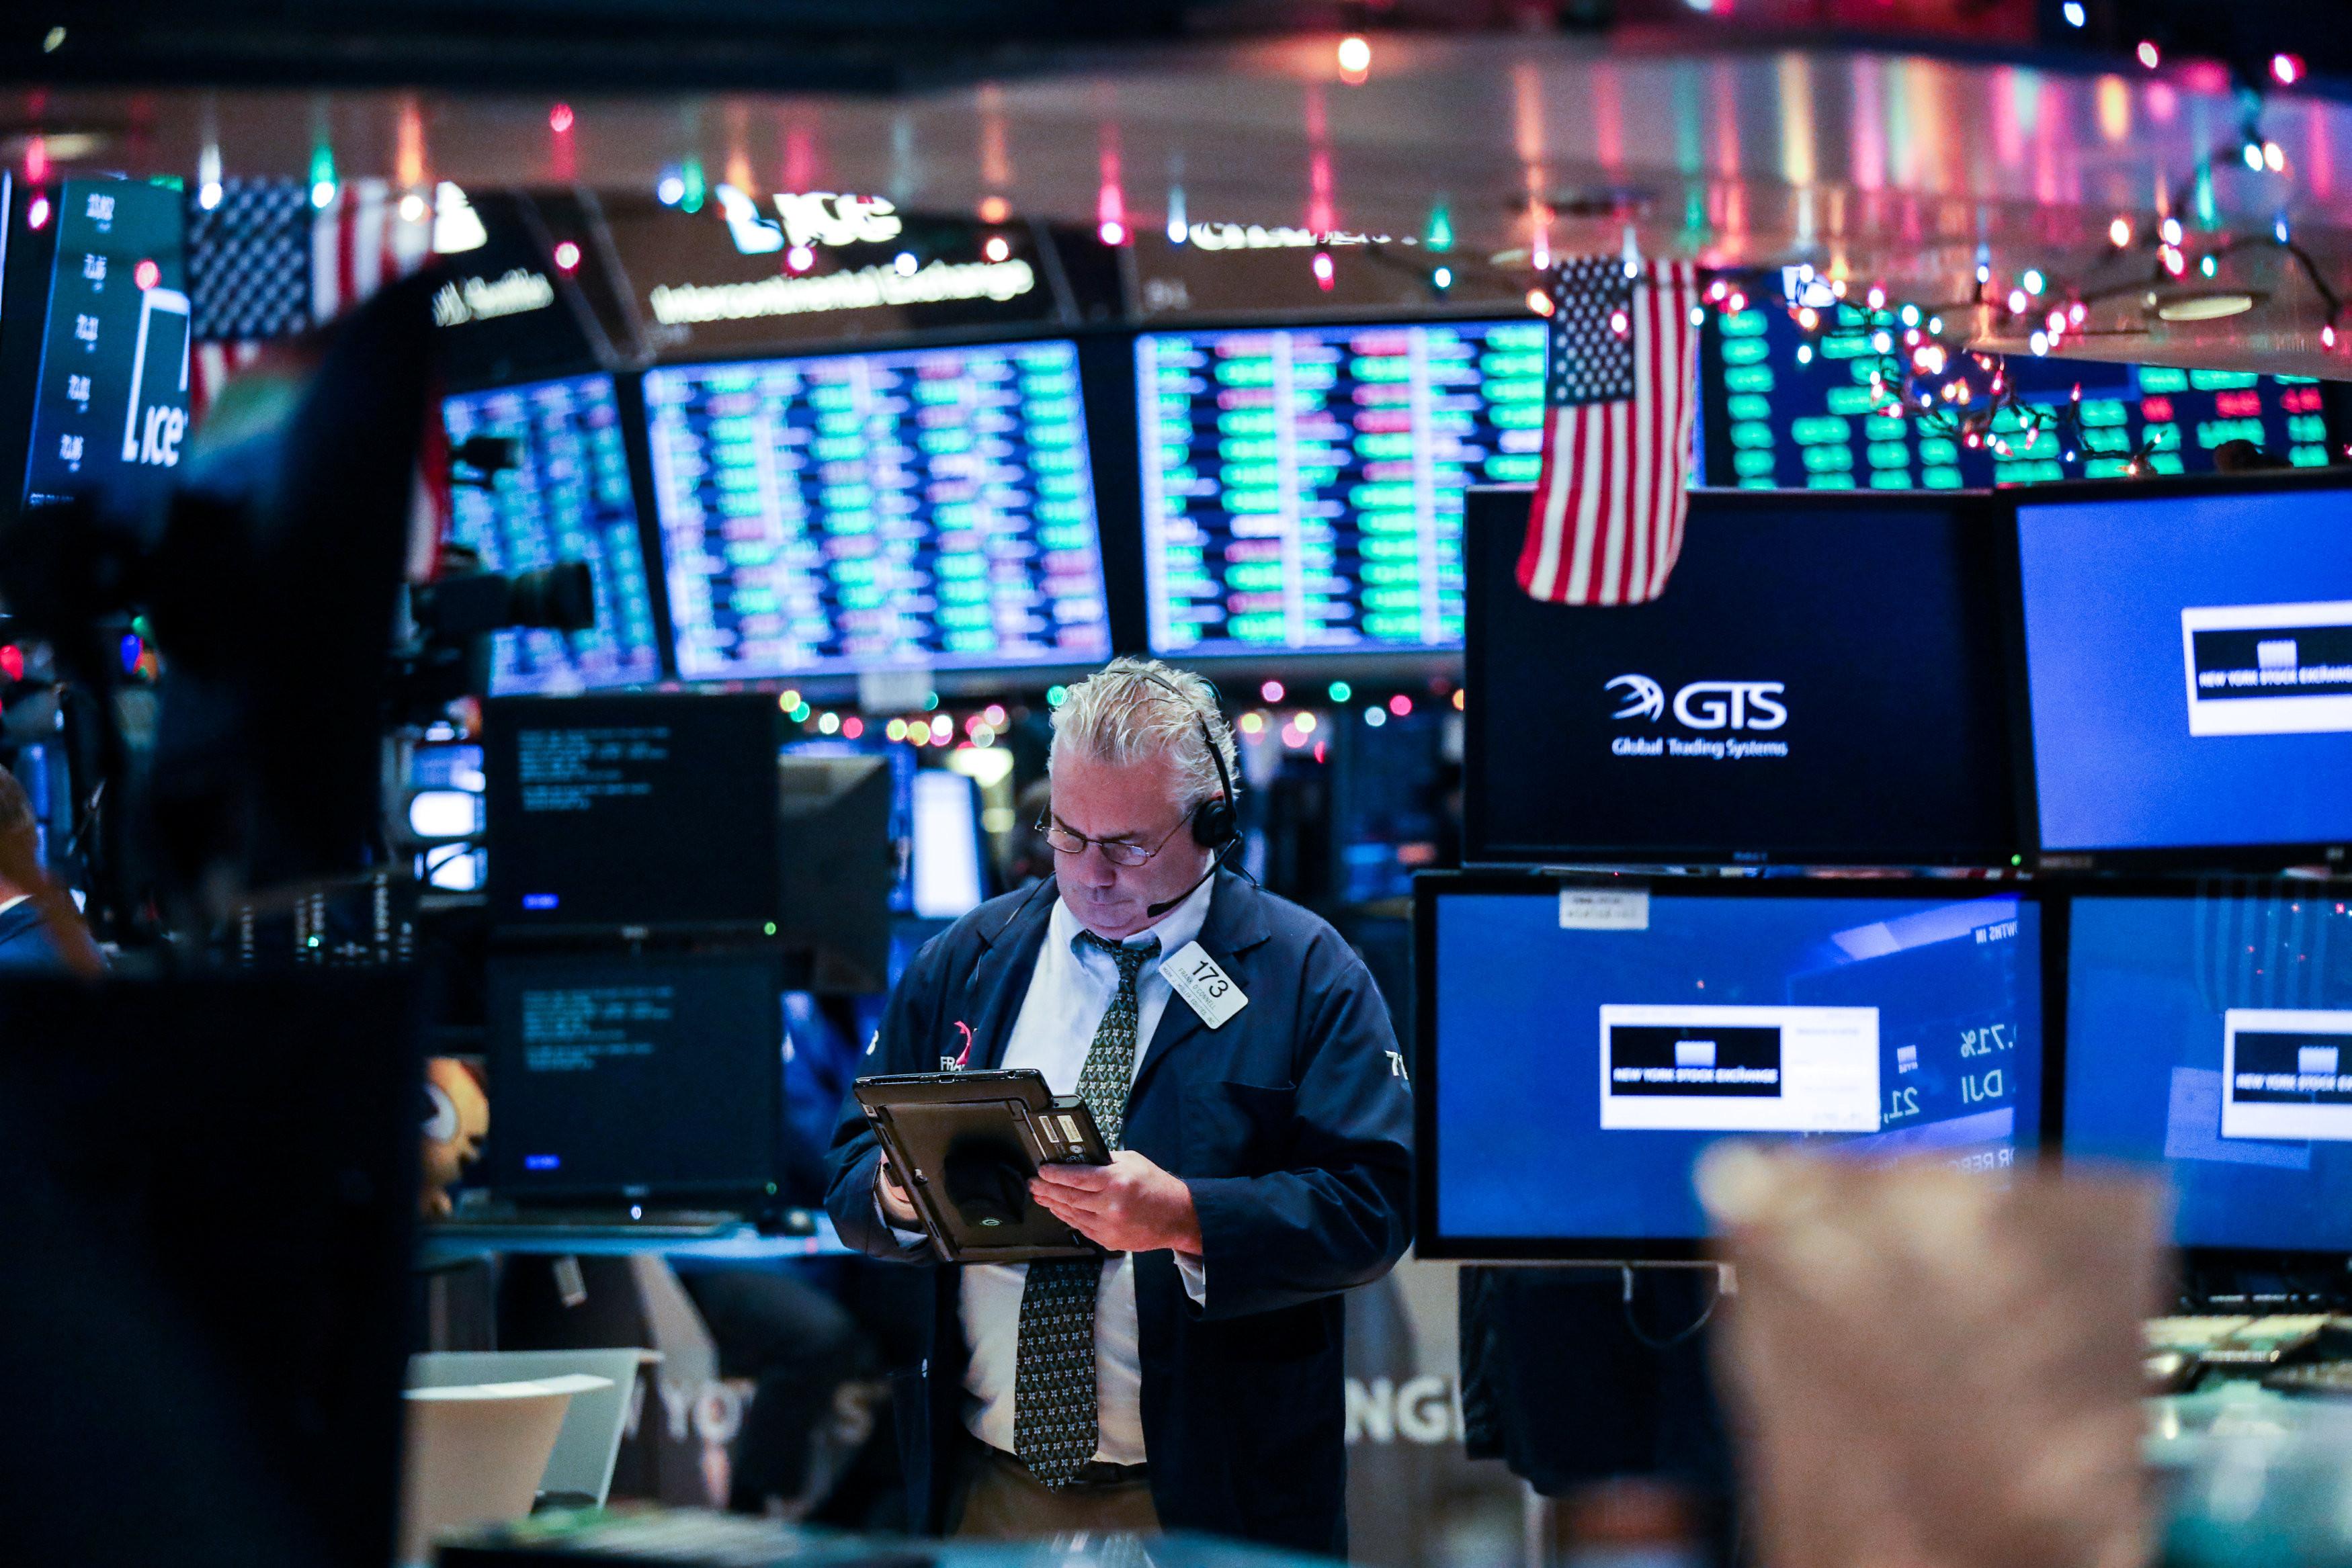 紓困,新冠肺炎,川普,拜登,國債,財政懸崖,通膨,預算赤字,公債殖利率,券商,散戶,股市泡沫